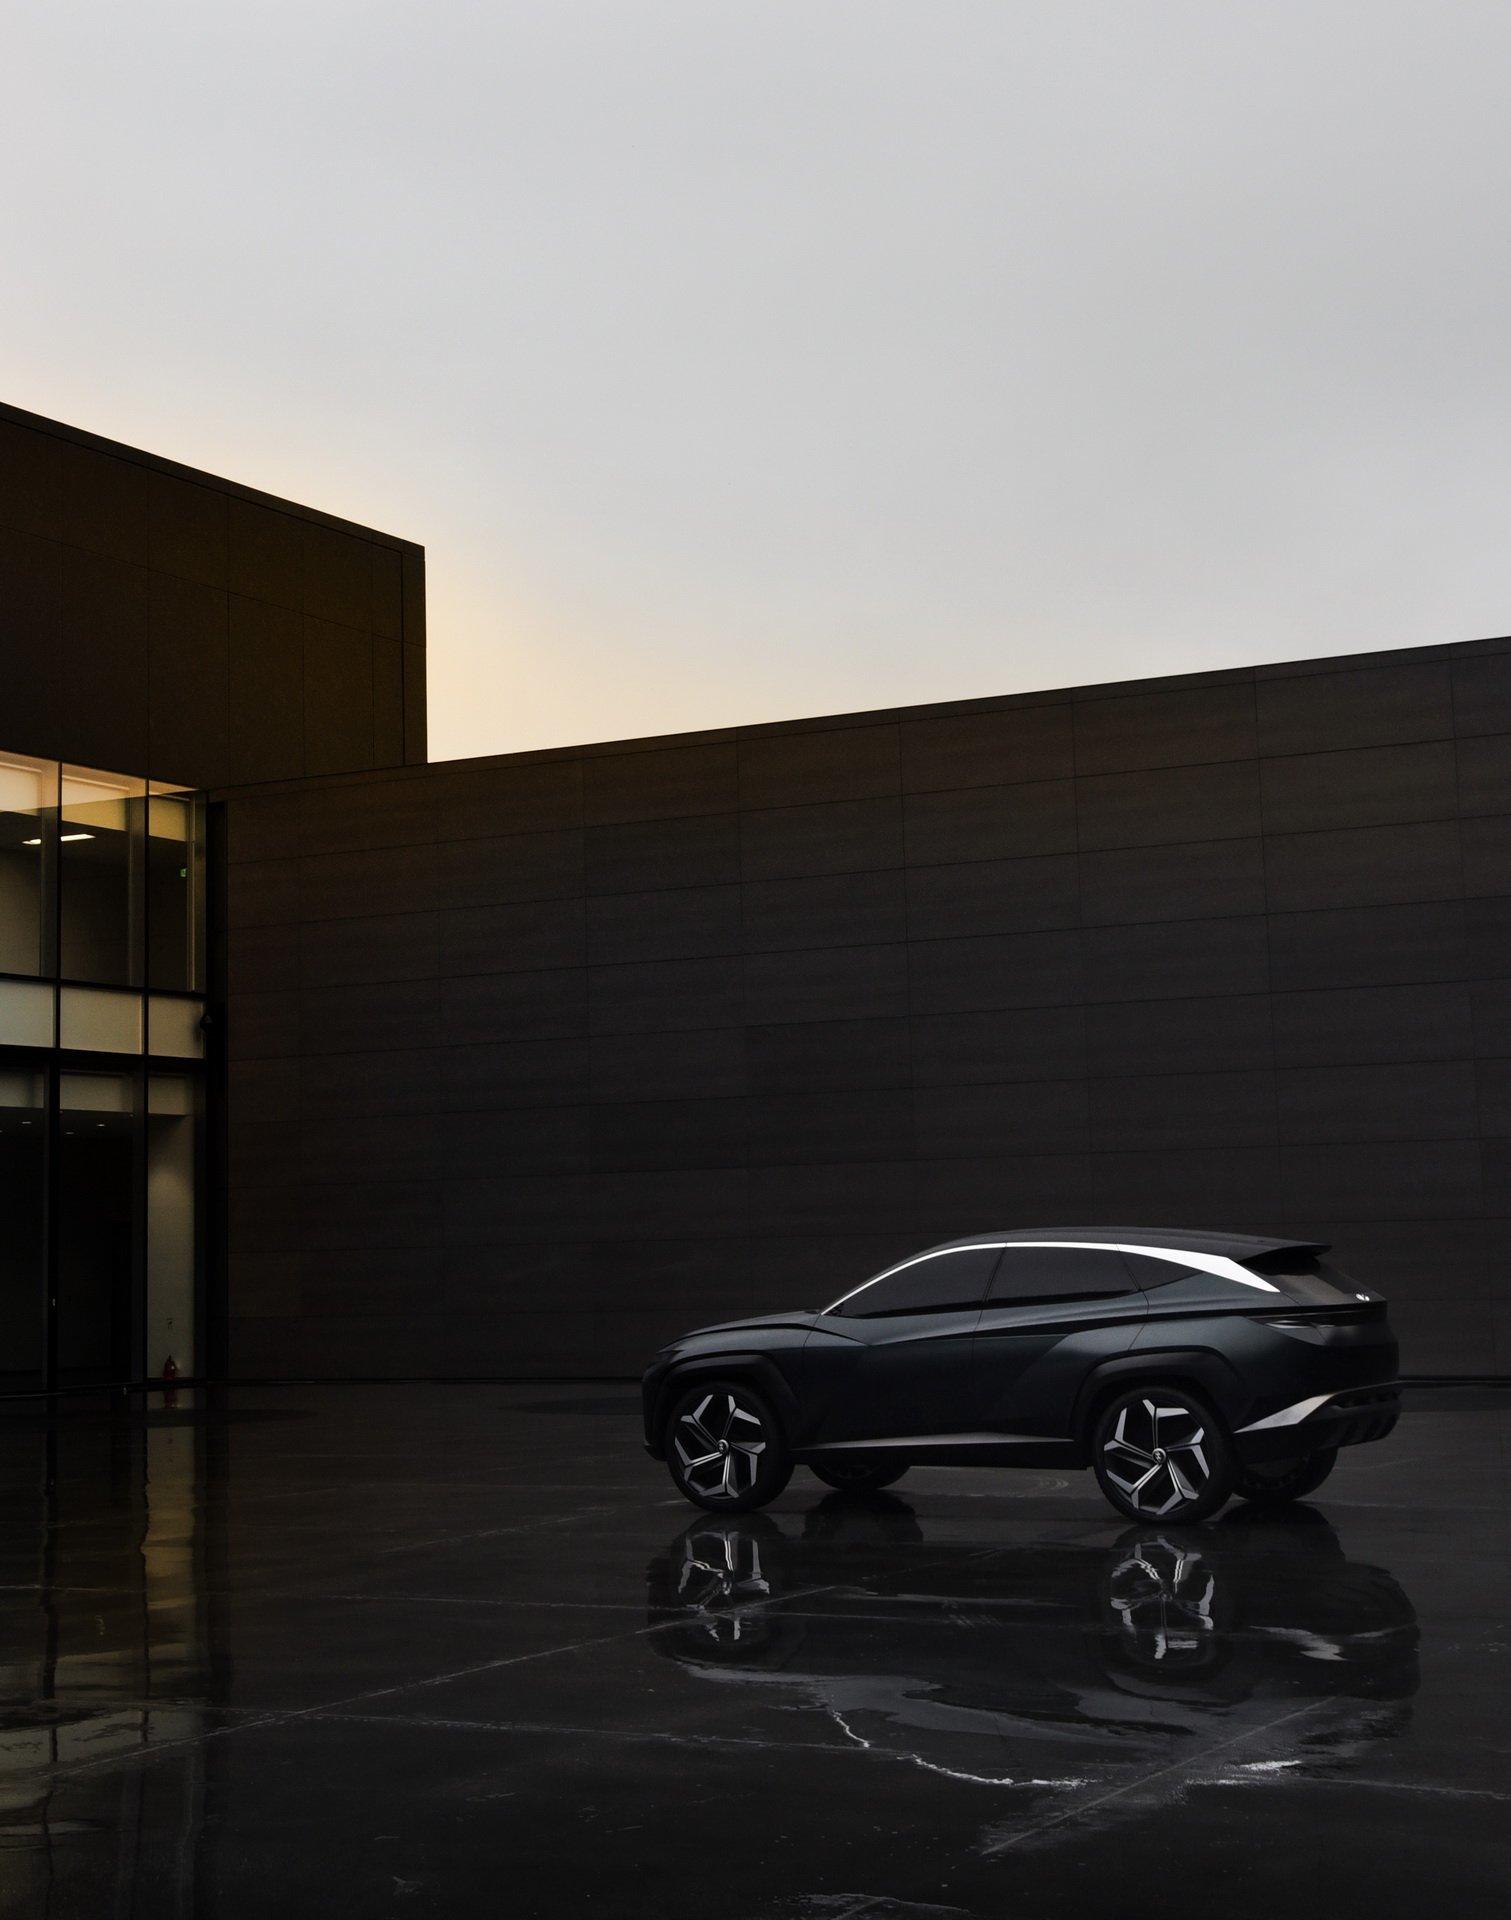 Hyundai Vision T 3